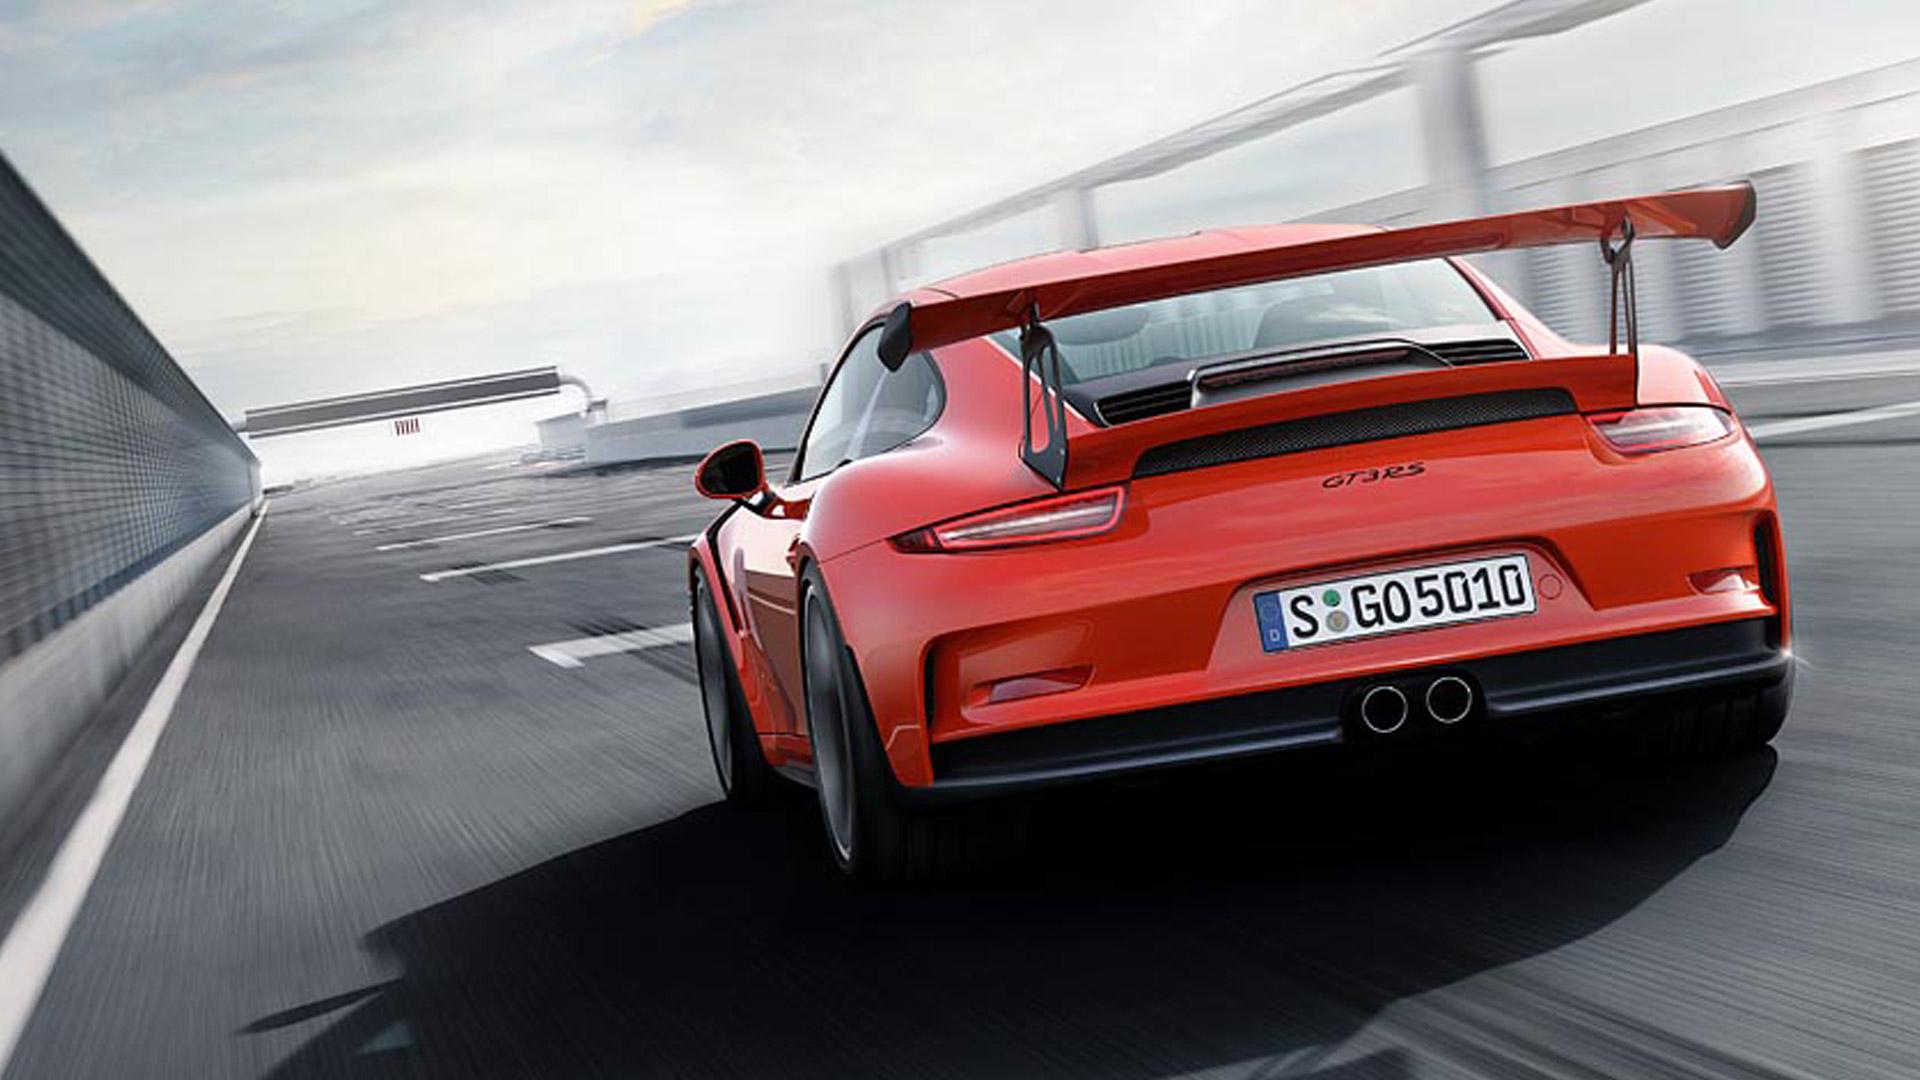 Porsche 911 2015 GT3 RS Exterior